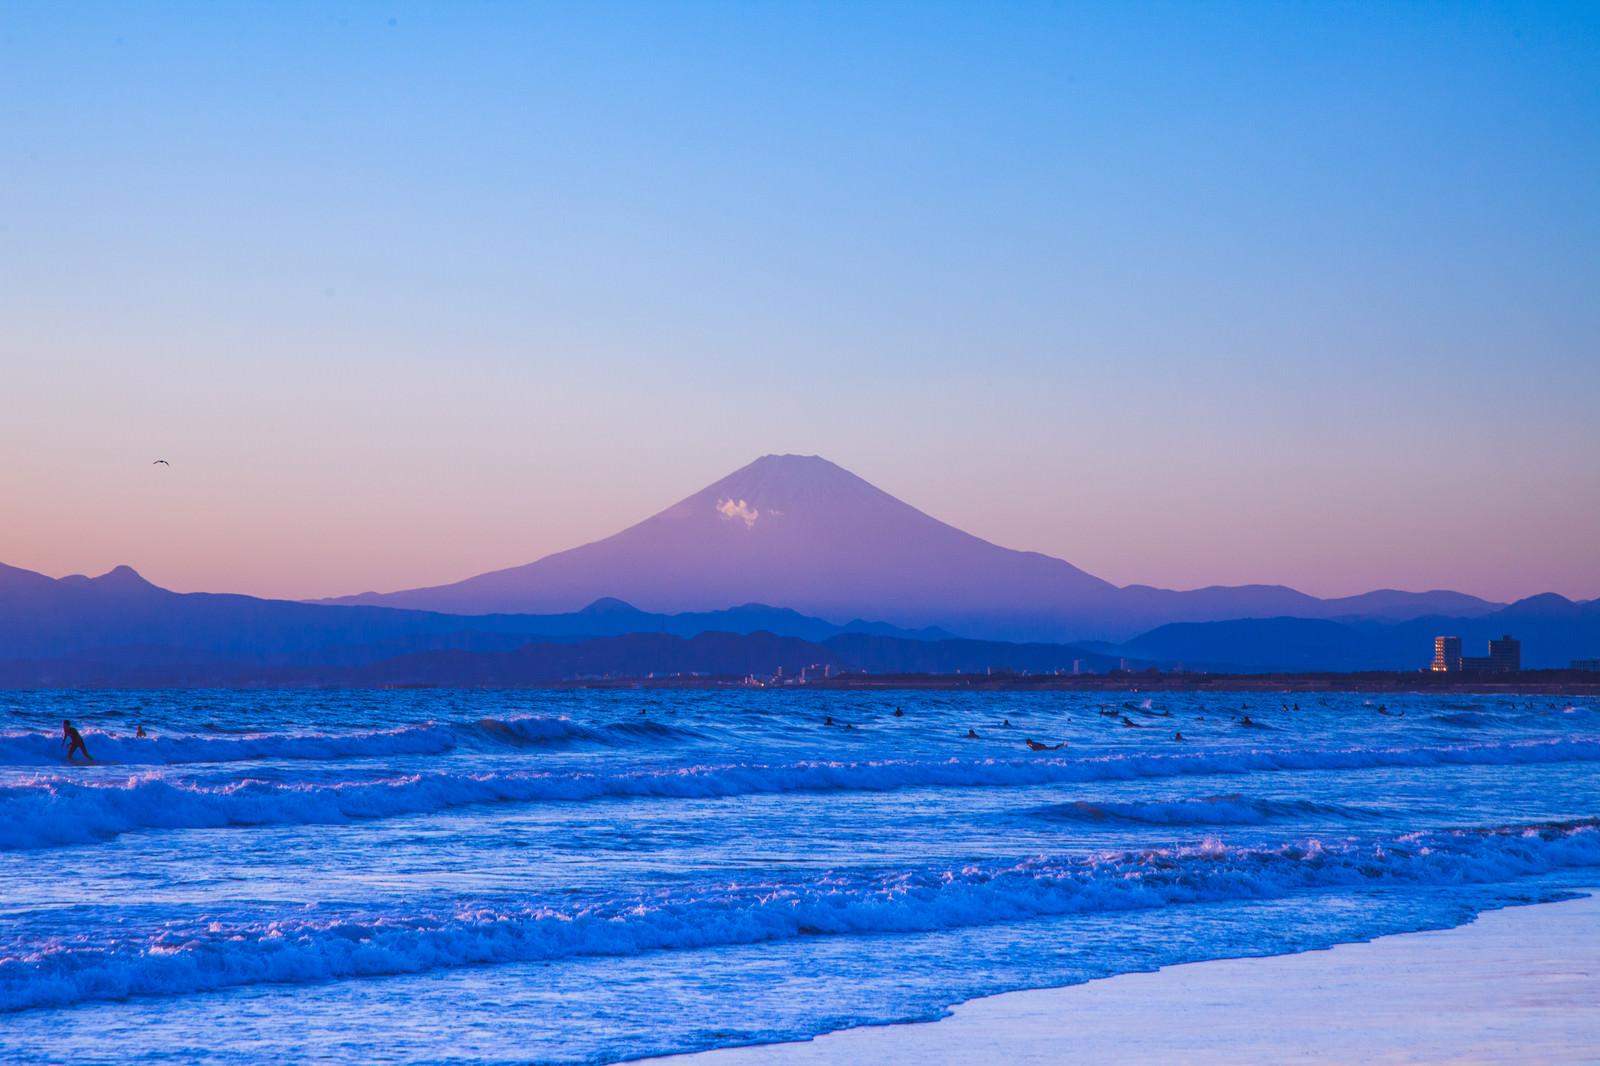 海とサーファーと富士山 無料の写真素材はフリー素材のぱくたそ